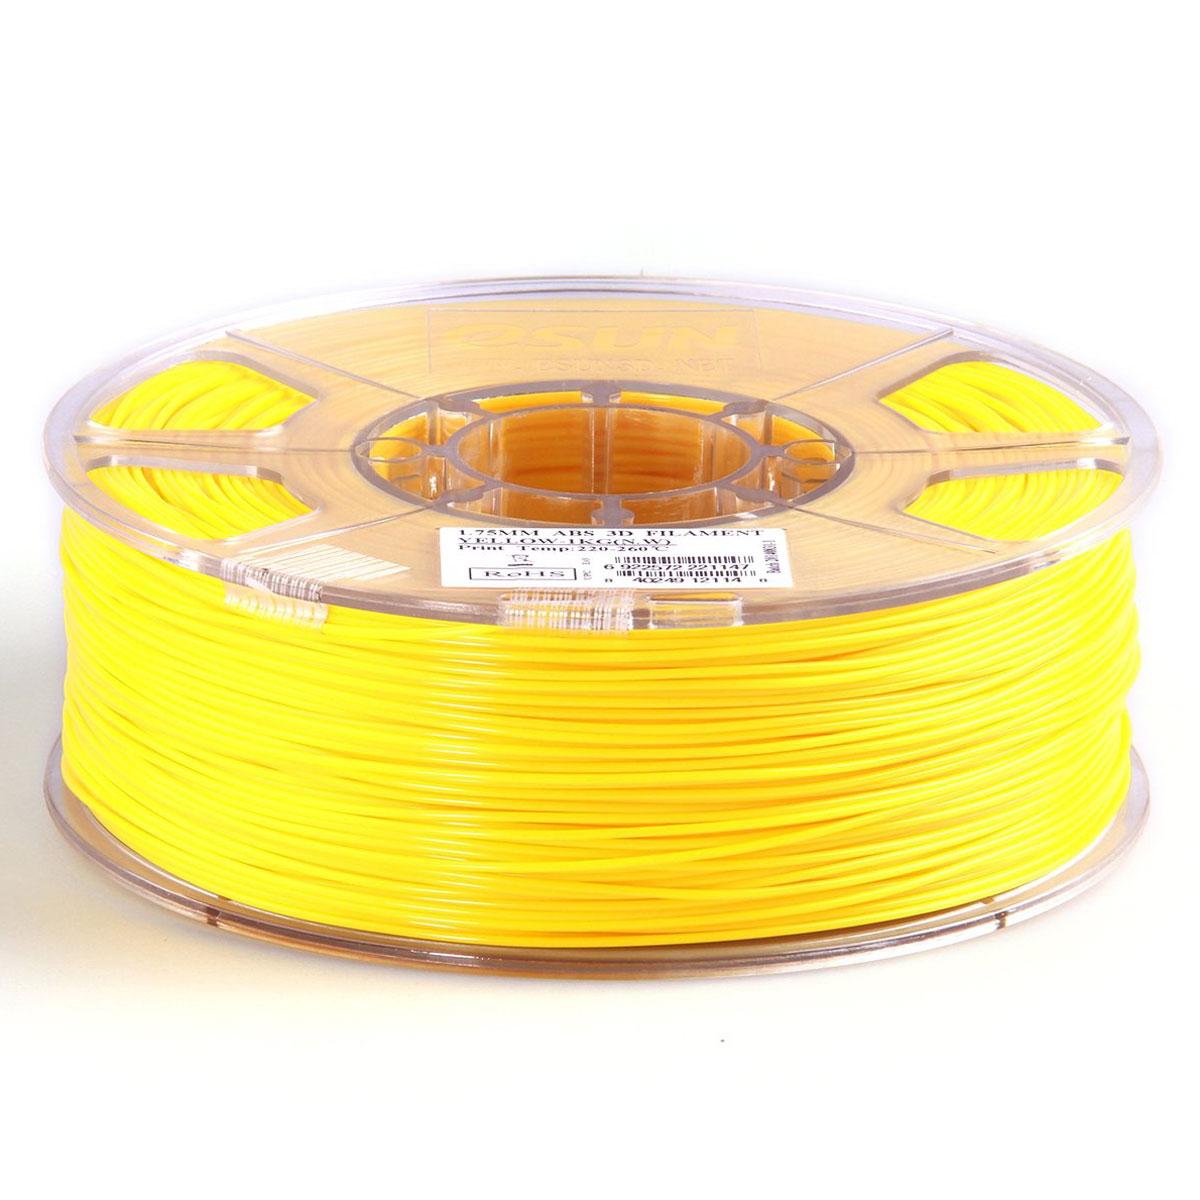 ESUN пластик ABS в катушке, Yellow, 1,75 ммABS175Y1Пластик ABS от ESUN долговечный и очень прочный полимер, ударопрочный, эластичный и стойкий к моющим средствам и щелочам. Один из лучших материалов для печати на 3D принтере. Пластик ABS не имеет запаха и не является токсичным. Температура плавления220-260°C. АБС пластик для 3D-принтера применяется в деталях автомобилей, канцелярских изделиях, корпусах бытовой техники, мебели, сантехники, а также в производстве игрушек, сувениров, спортивного инвентаря, деталей оружия, медицинского оборудования и прочего.Диаметр пластиковой нити: 1.75 мм